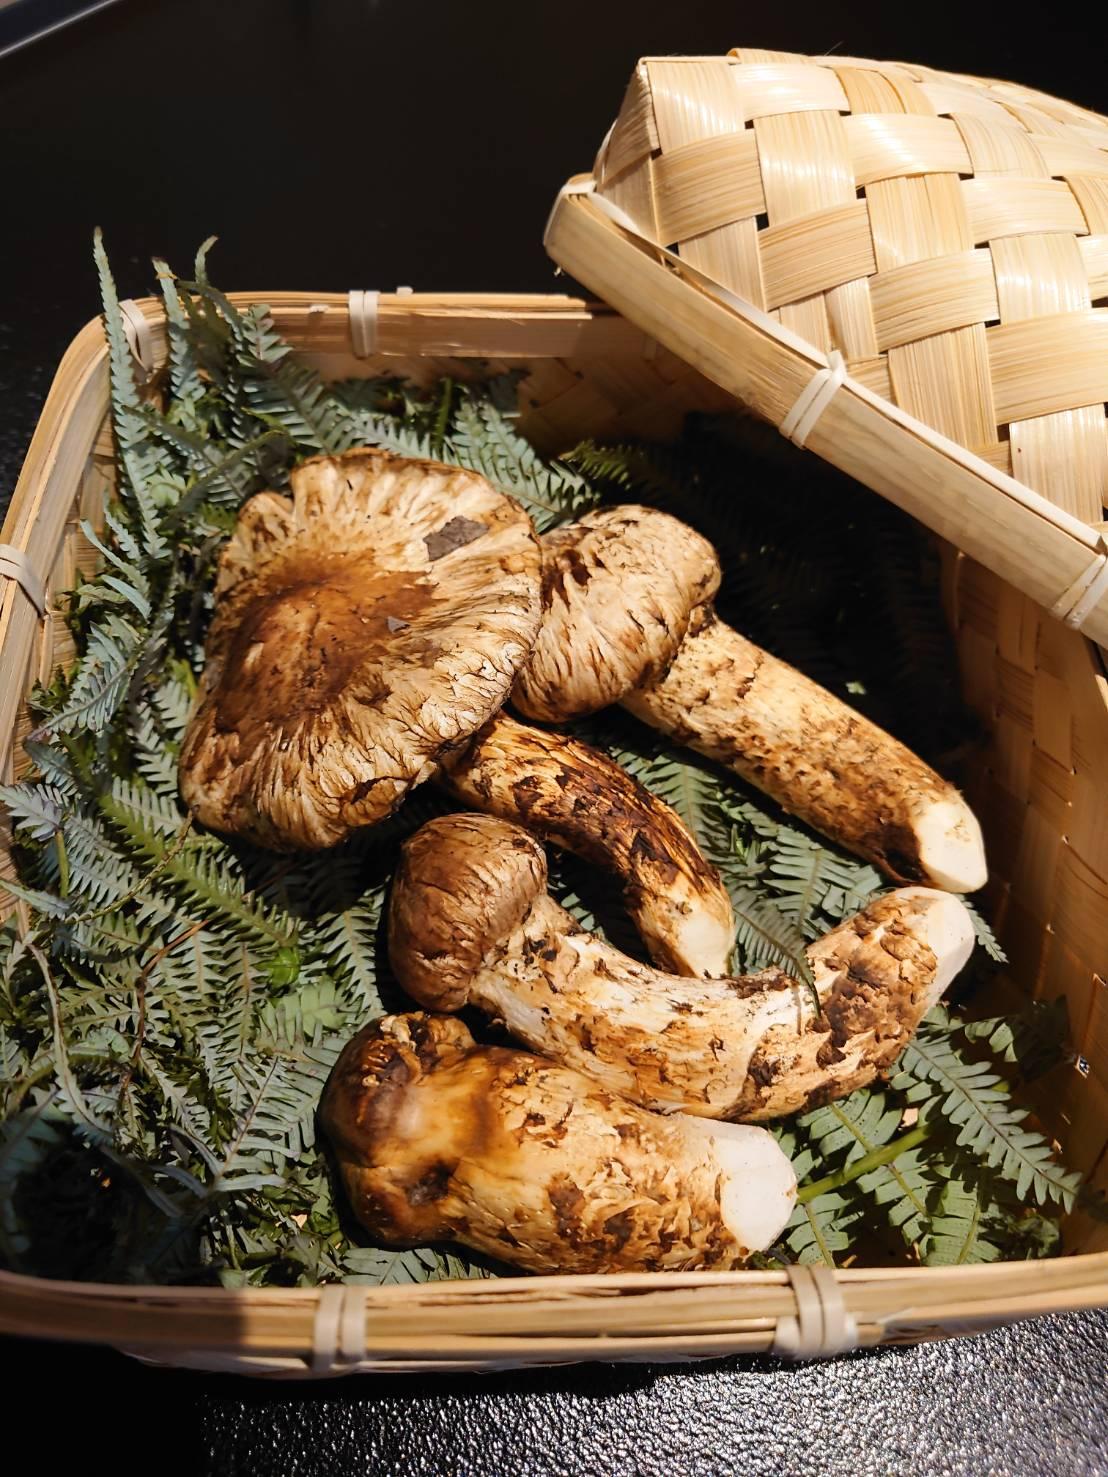 【日本料理みつわ】松茸<p>本日、豊洲市場にて 山口県産 日本一早い松茸を仕入れてまいりました。 上質かつ新鮮な松茸の味と香りは絶品でございます。 素材の持ち味を最大限に生かしてご用意いたします。 数に限りがございますので、お早めにどうぞ。</p>